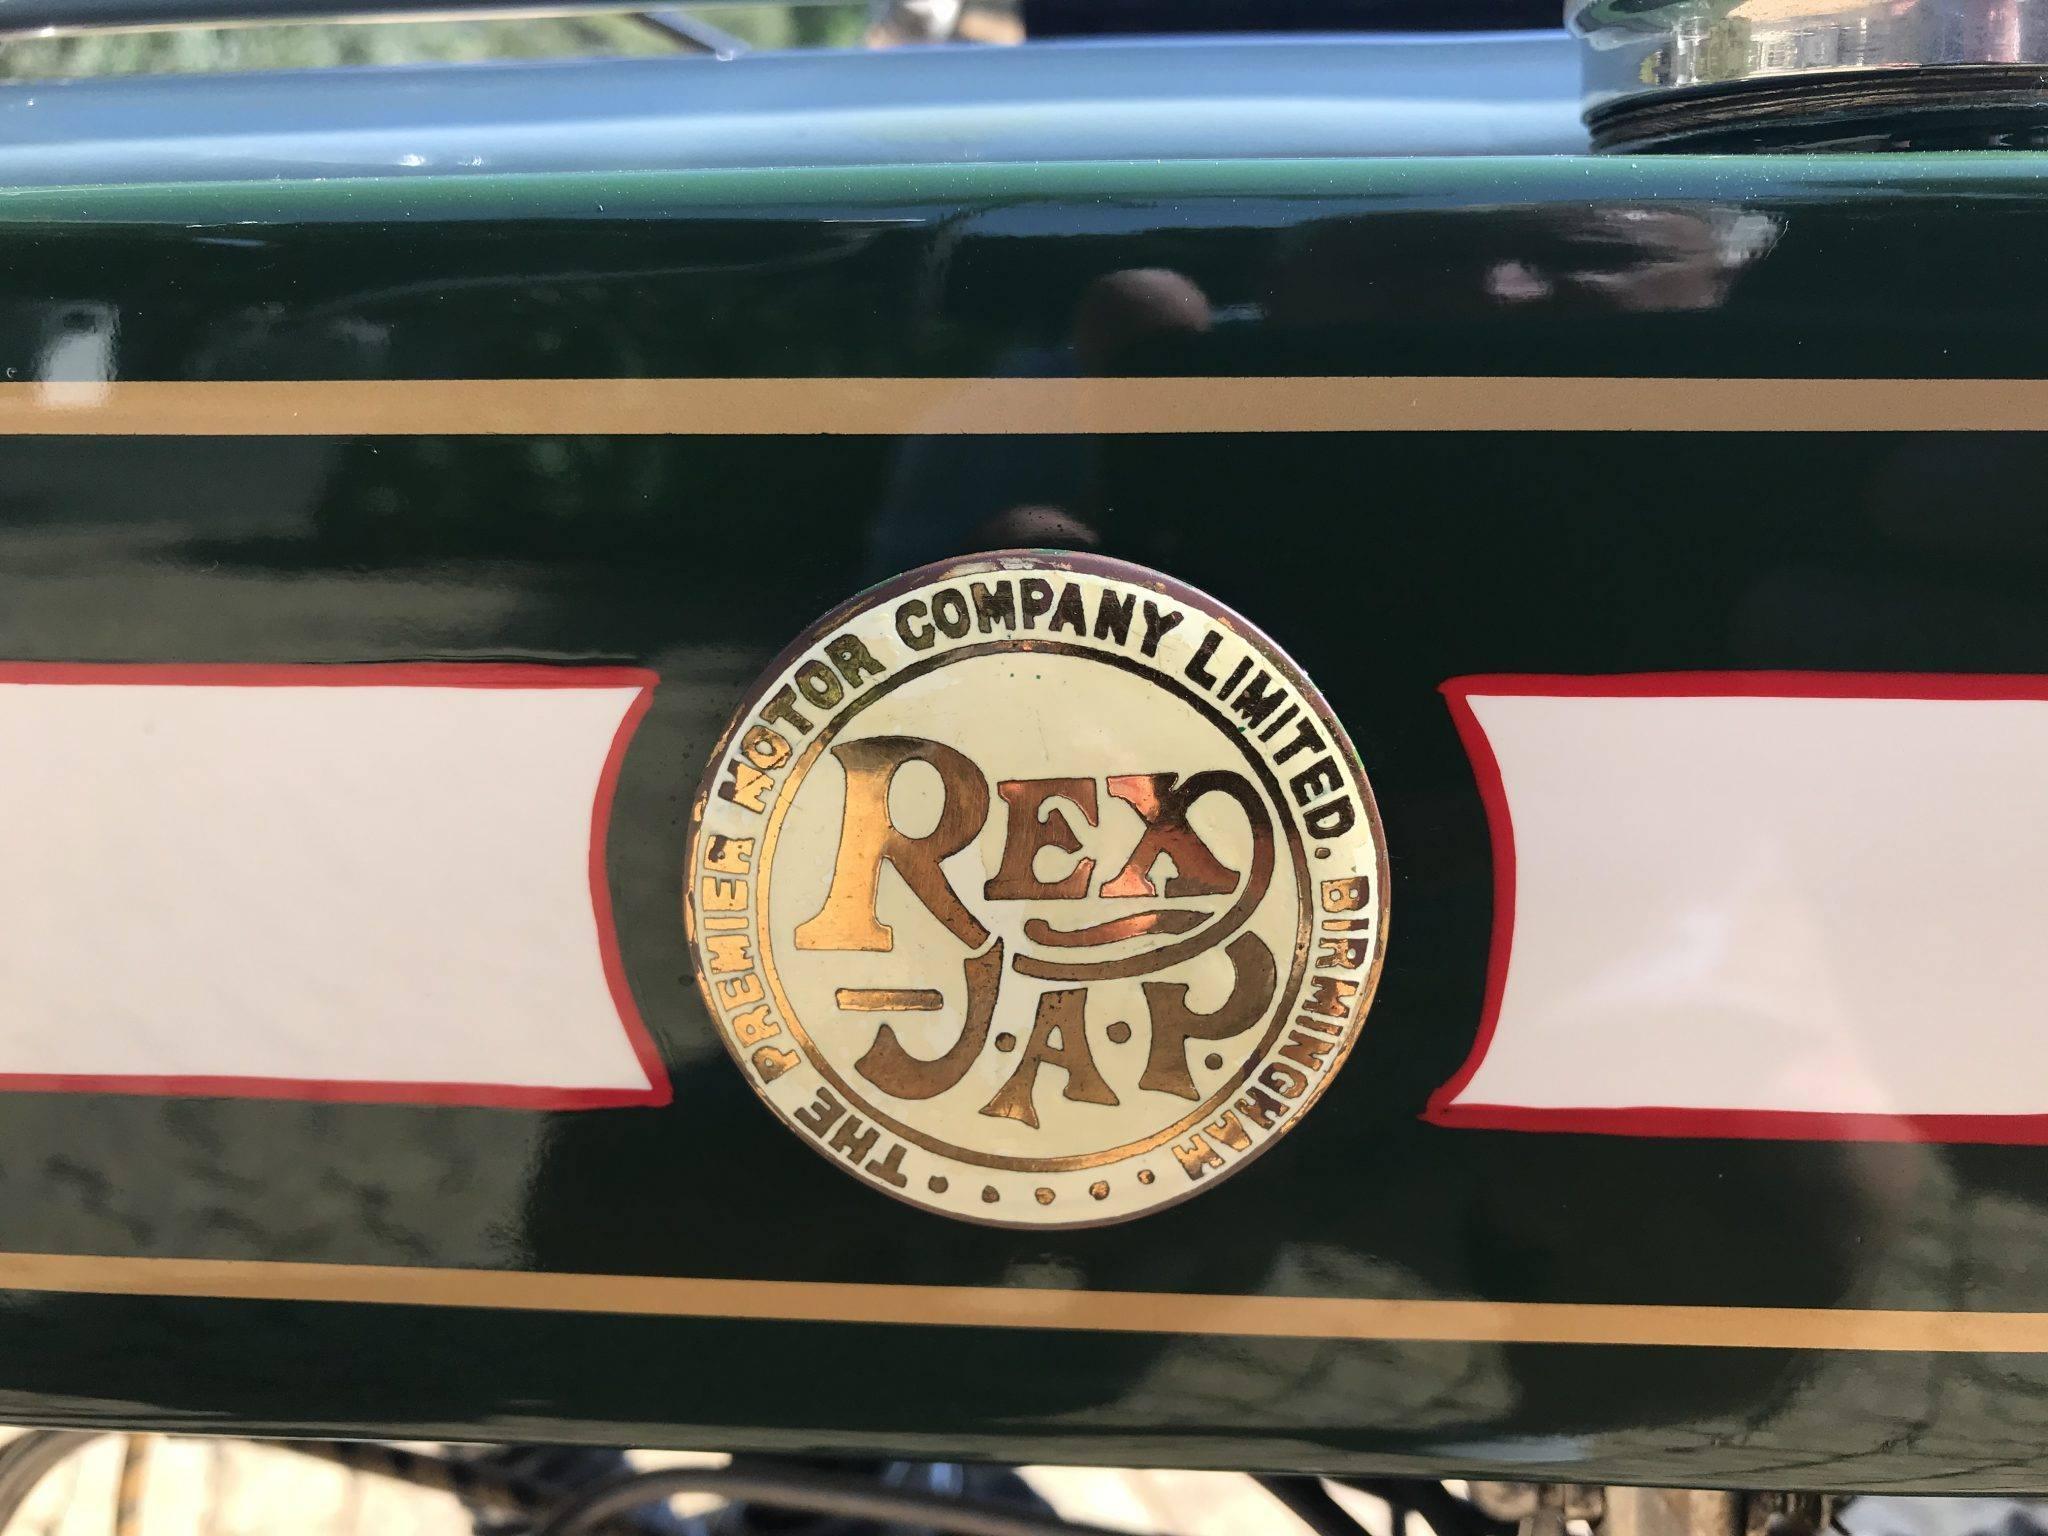 Rex-Jap-1913-aangepast-voor-racing-680-CC-V-twin-(9)